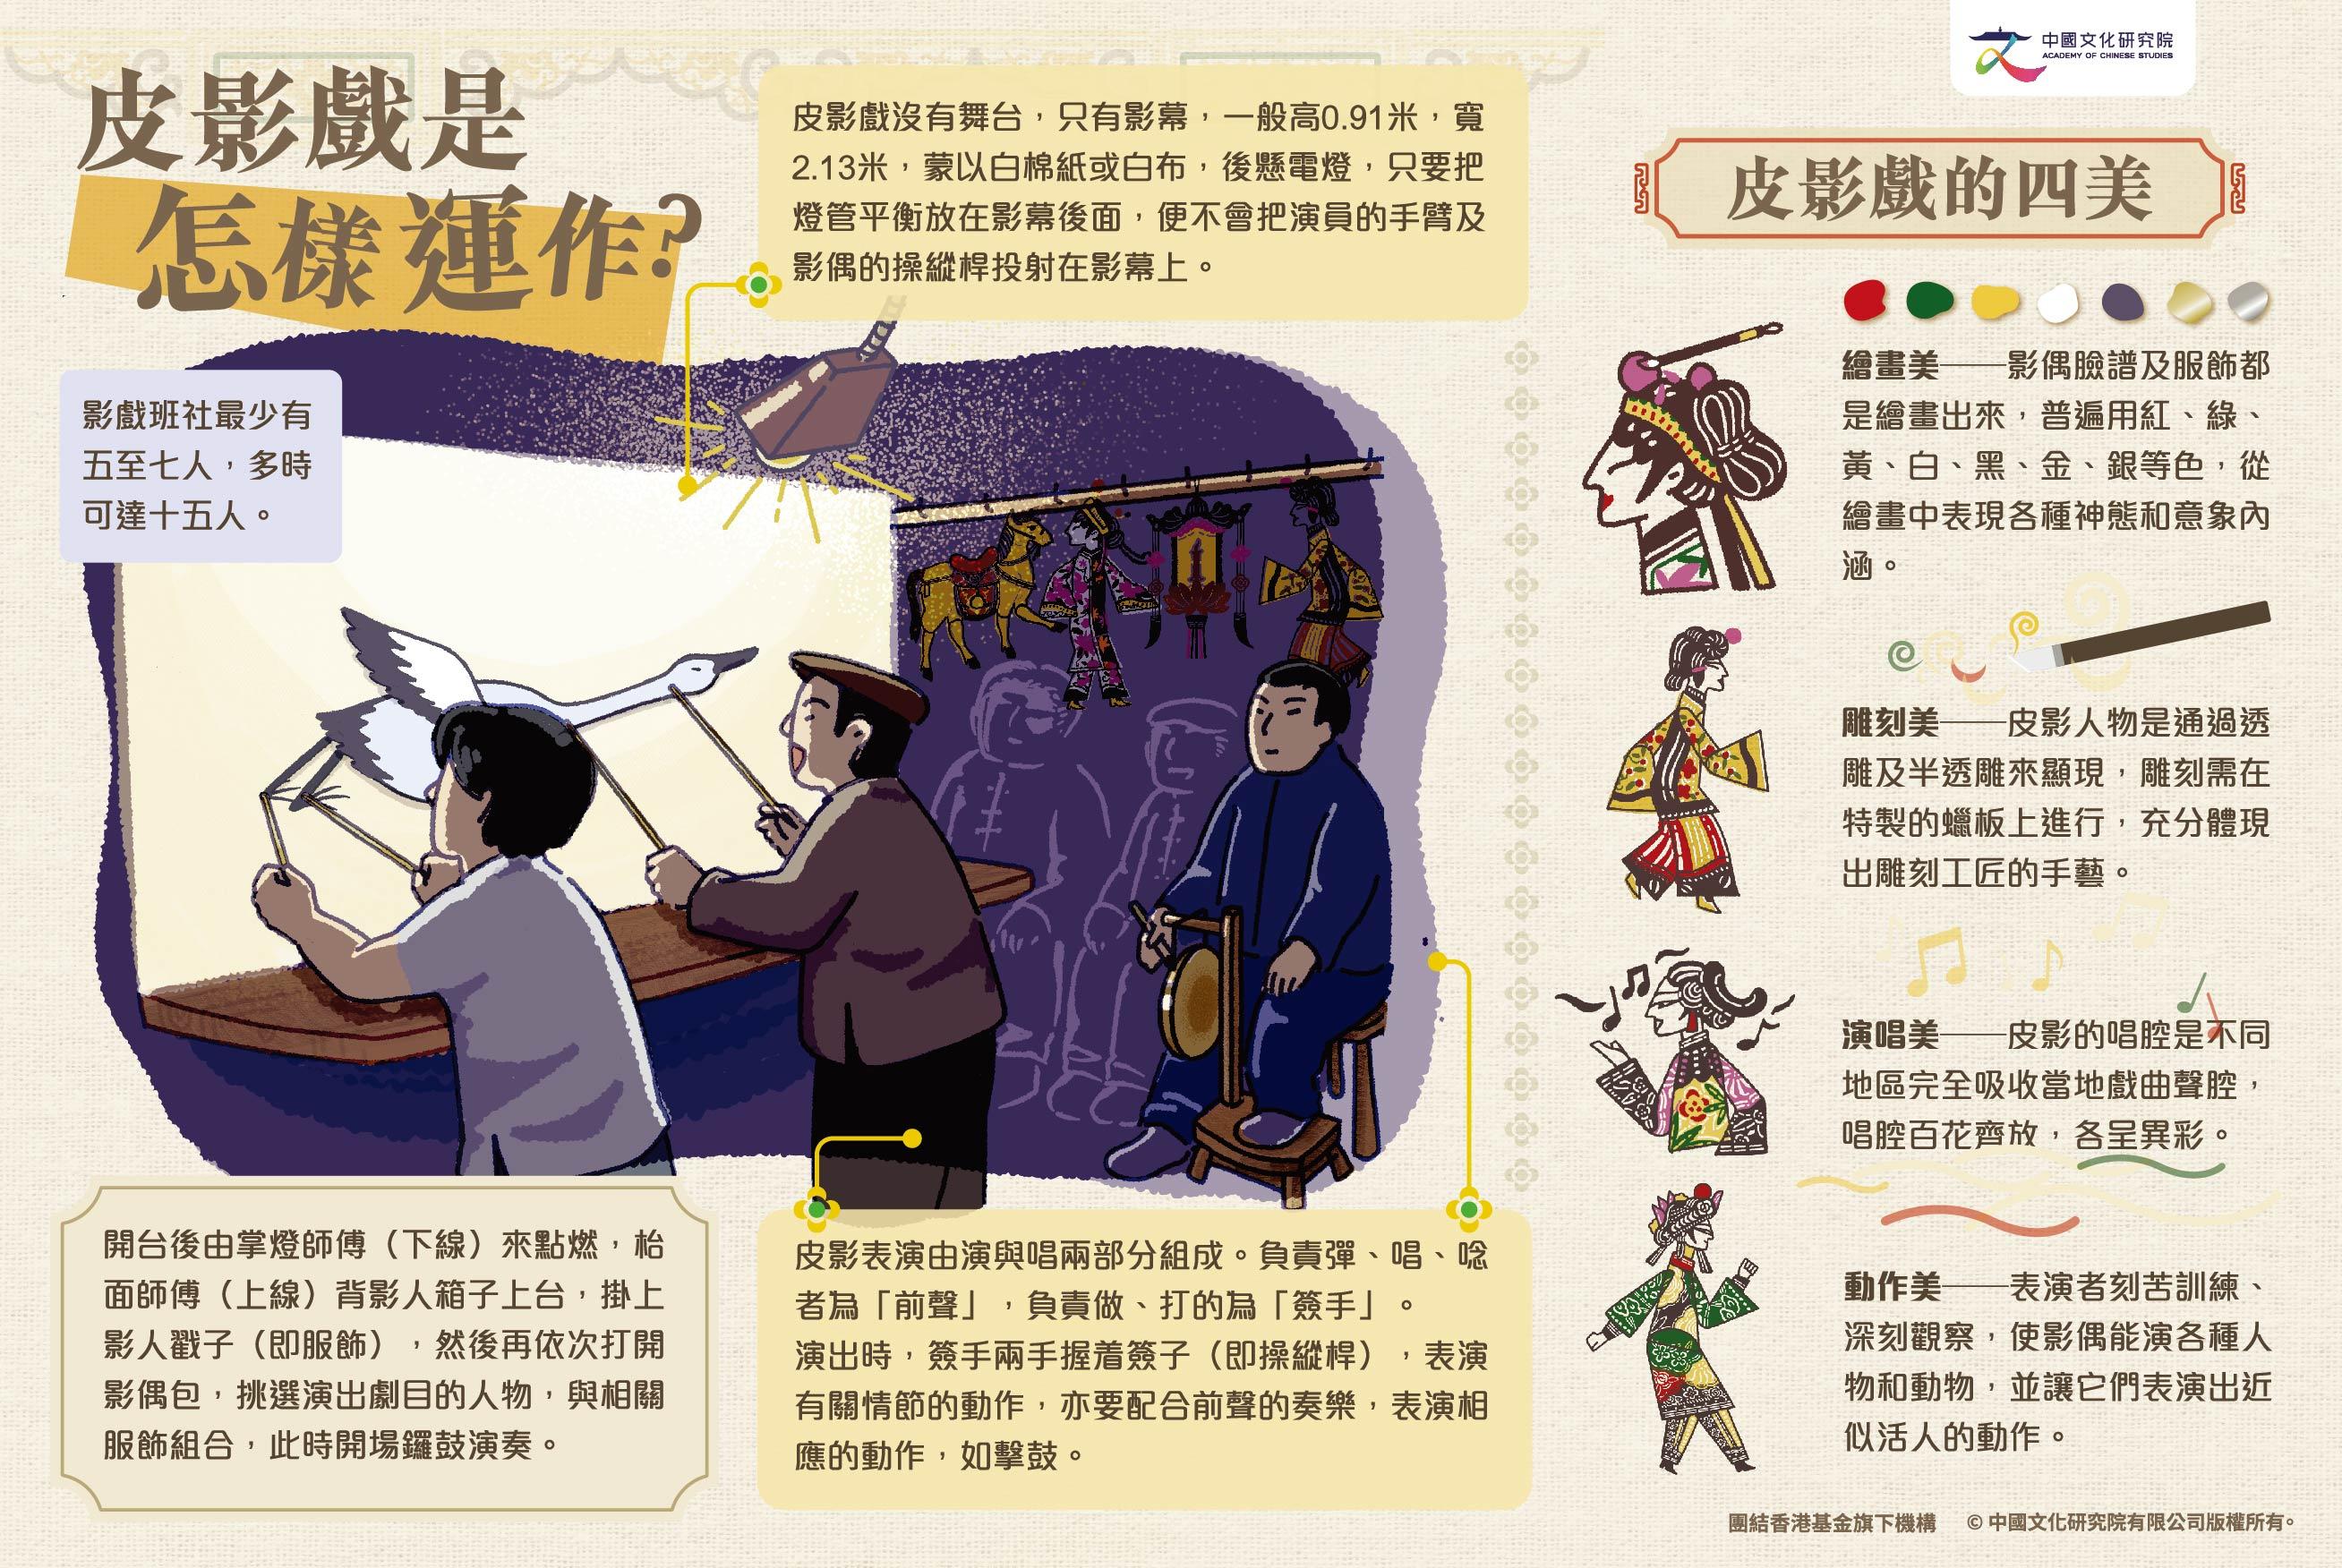 acs_zhongguominjianyishu_zhanbanop_6.8.nobleed_piyingxi2